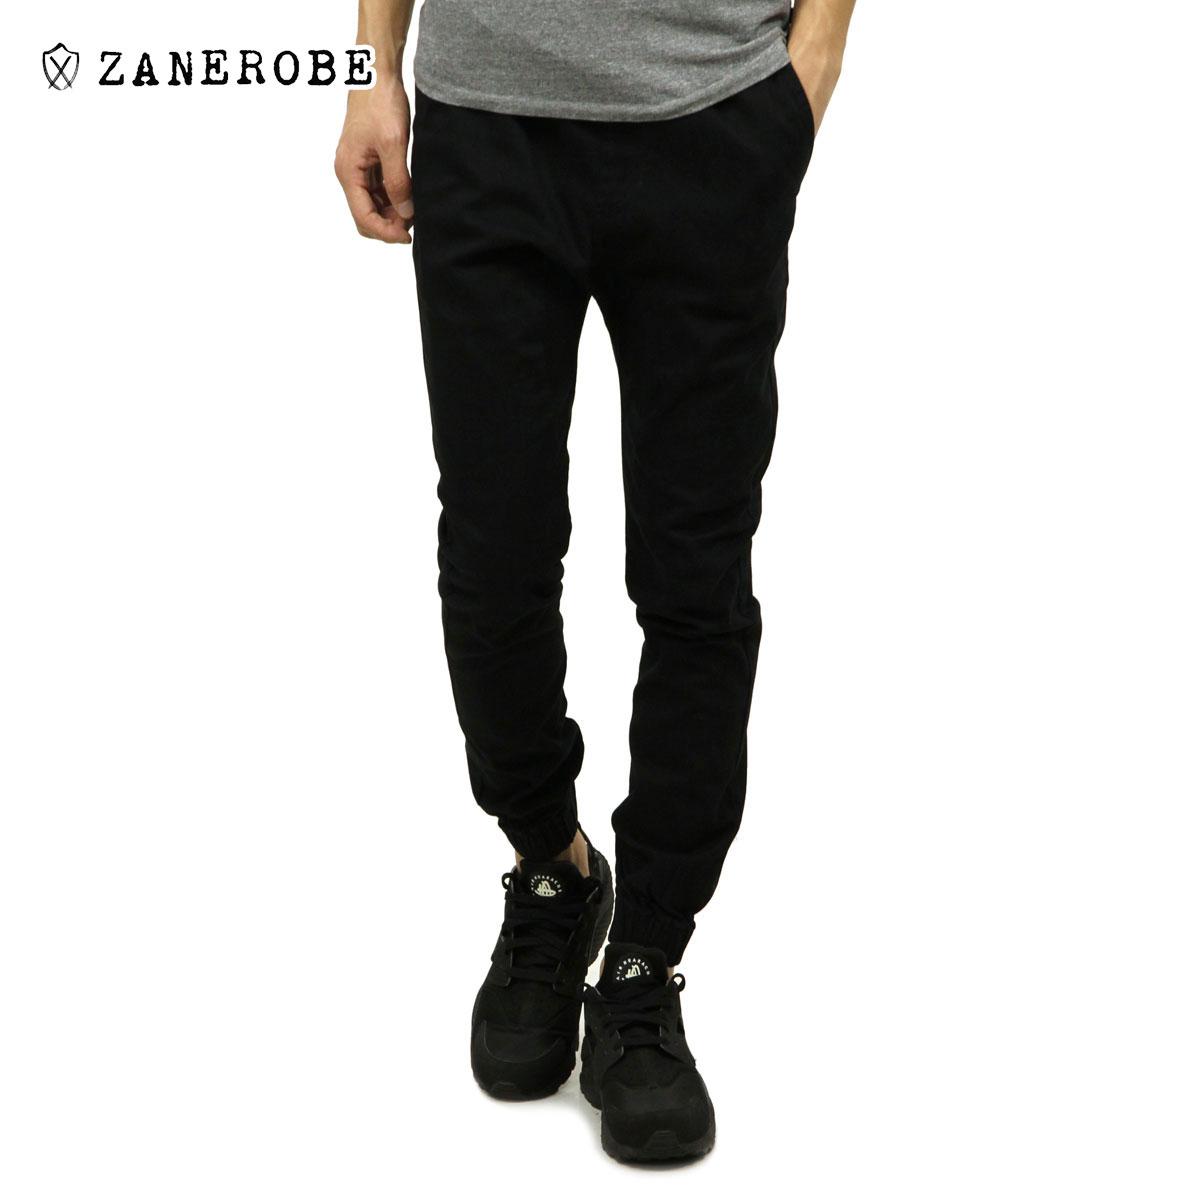 【ポイント10倍 3/21 20:00〜3/26 01:59まで】 ゼンローブ ZANEROBE 正規販売店 メンズ チノ ジョガーパンツ SURESHOT CHINO JOGGER PANTS BLACK 760-MTG